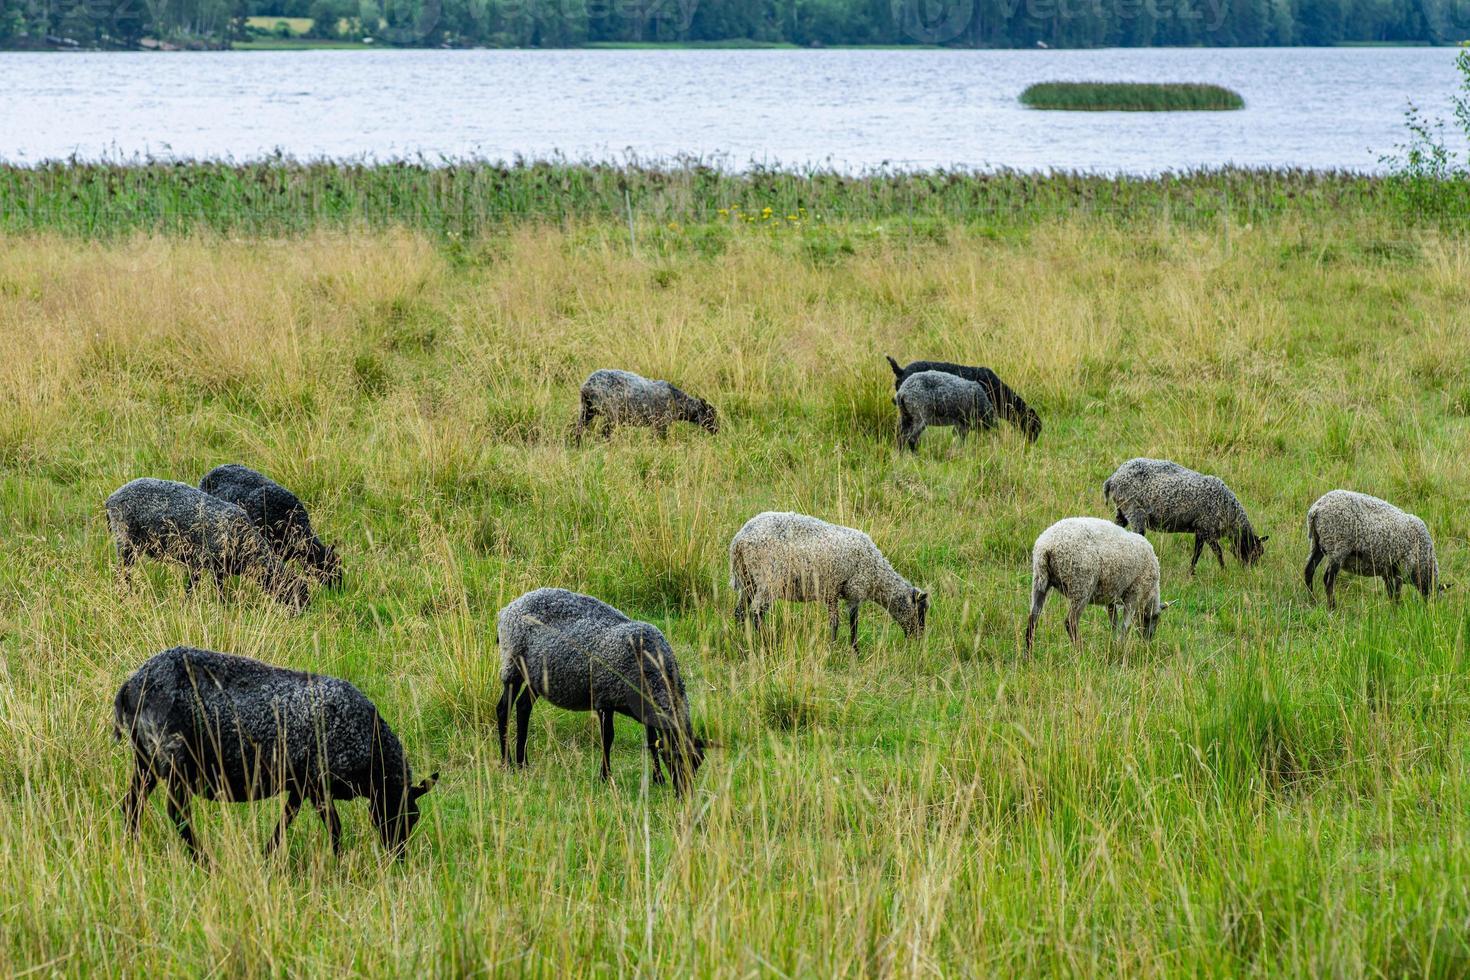 hörte von Schafen, die auf einer grünen Weide weiden ließen foto